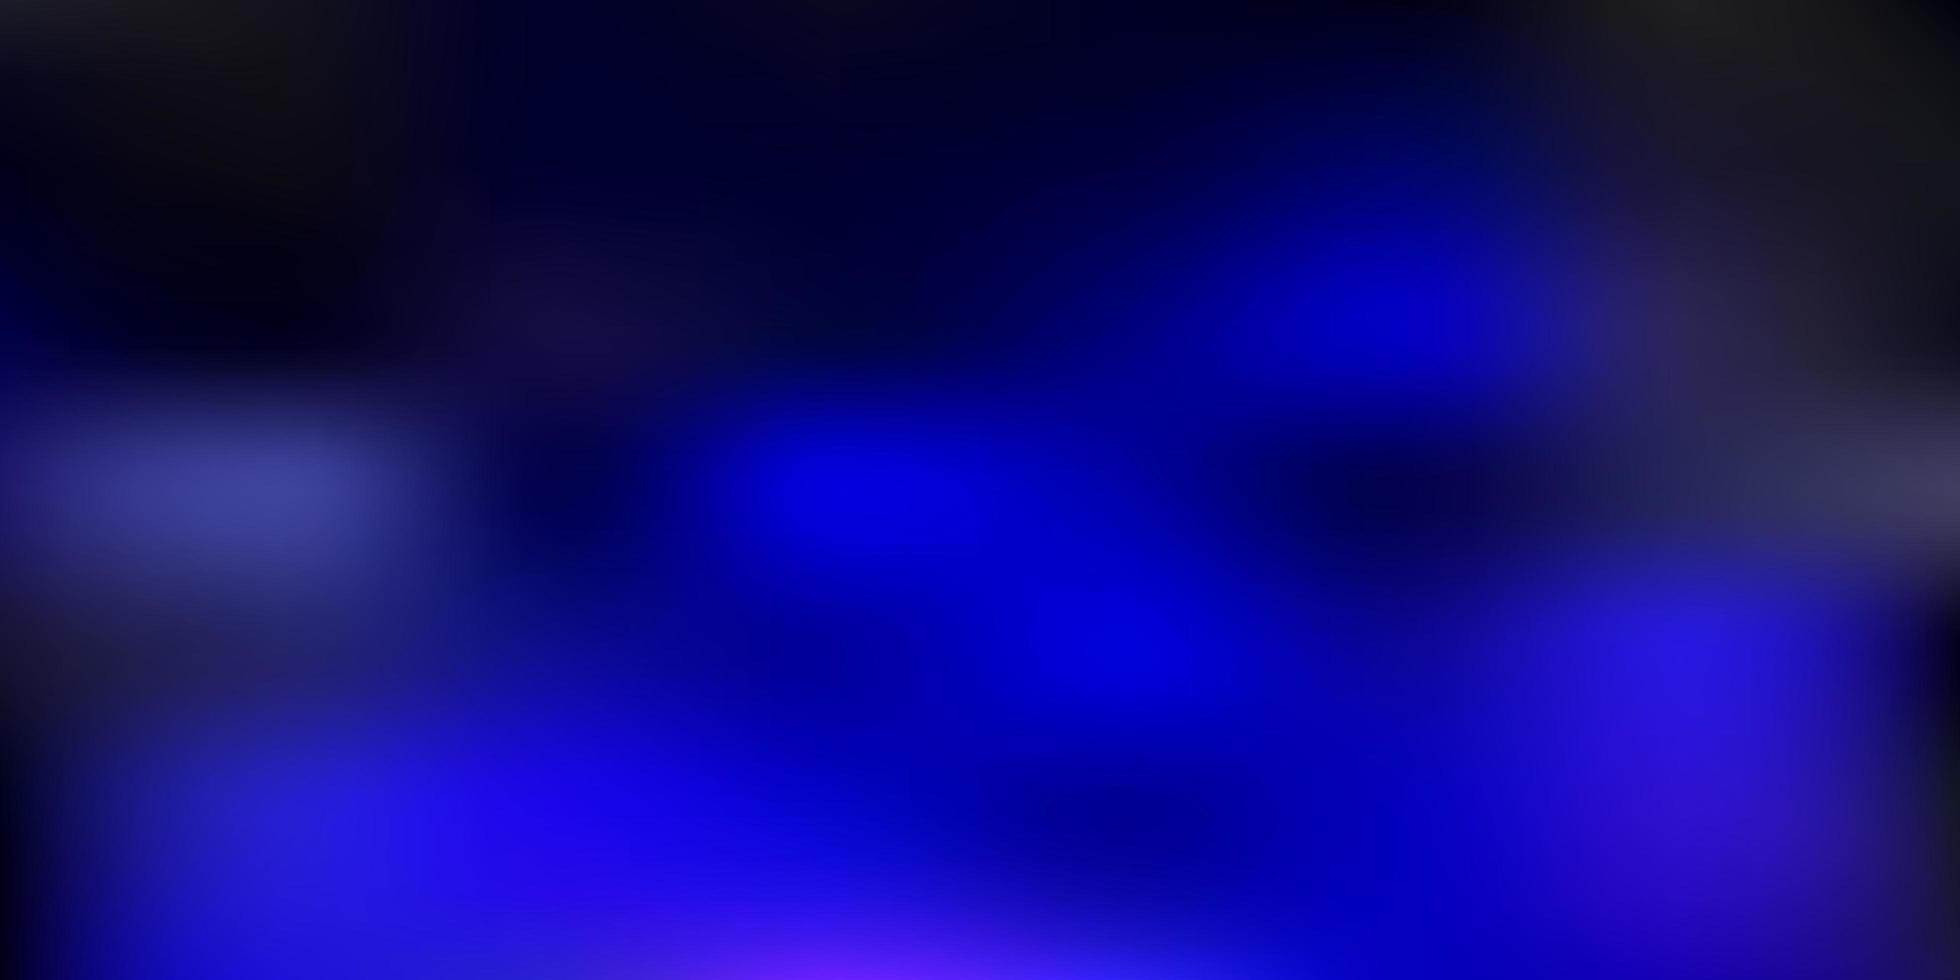 fundo do borrão do sumário do vetor do azul escuro.